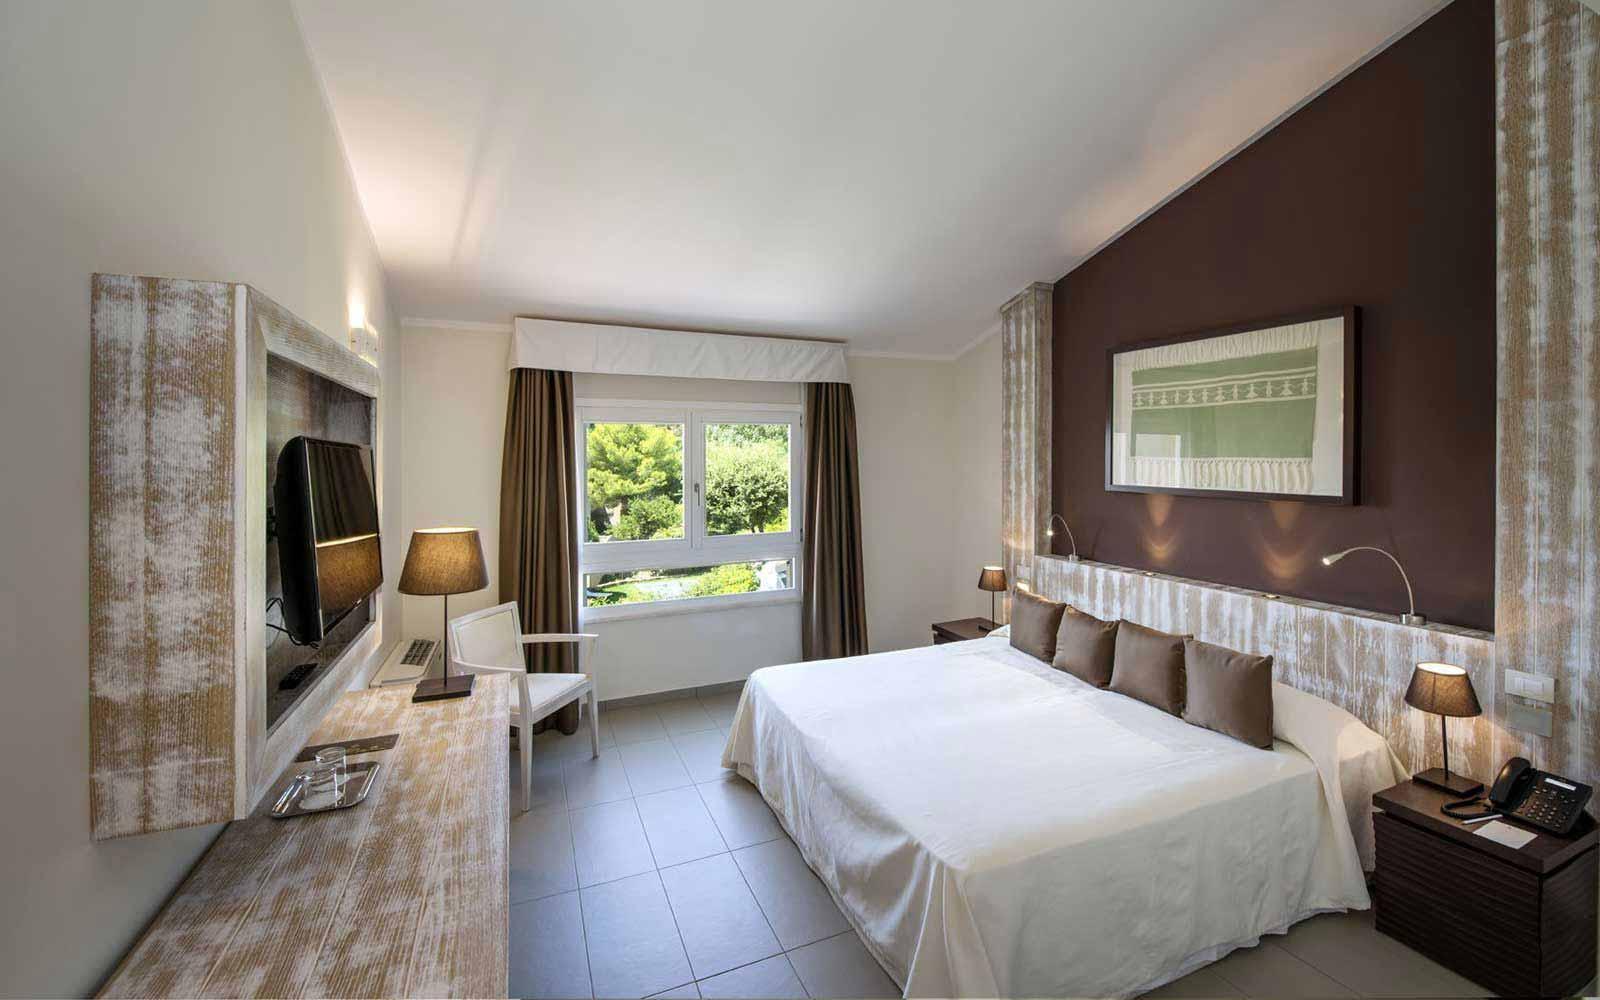 Oasi superior room at Spazio Oasi